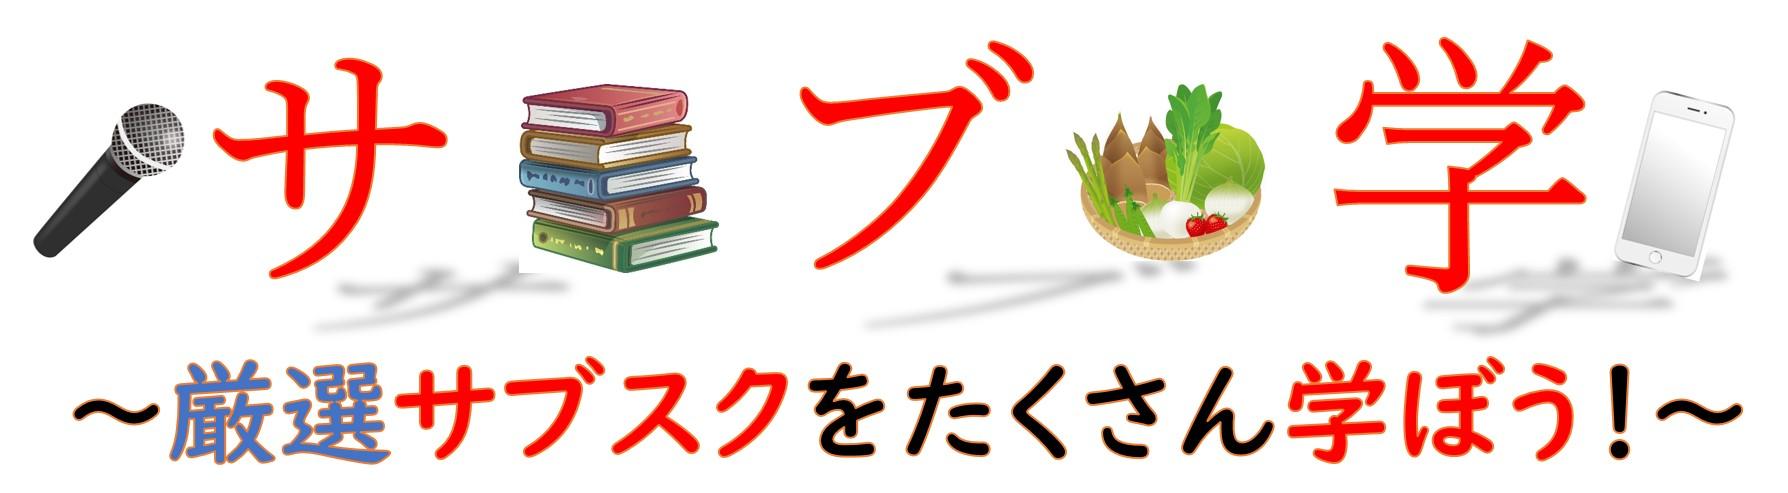 サブ学〜厳選されたサブスクをたくさん学ぼう!〜